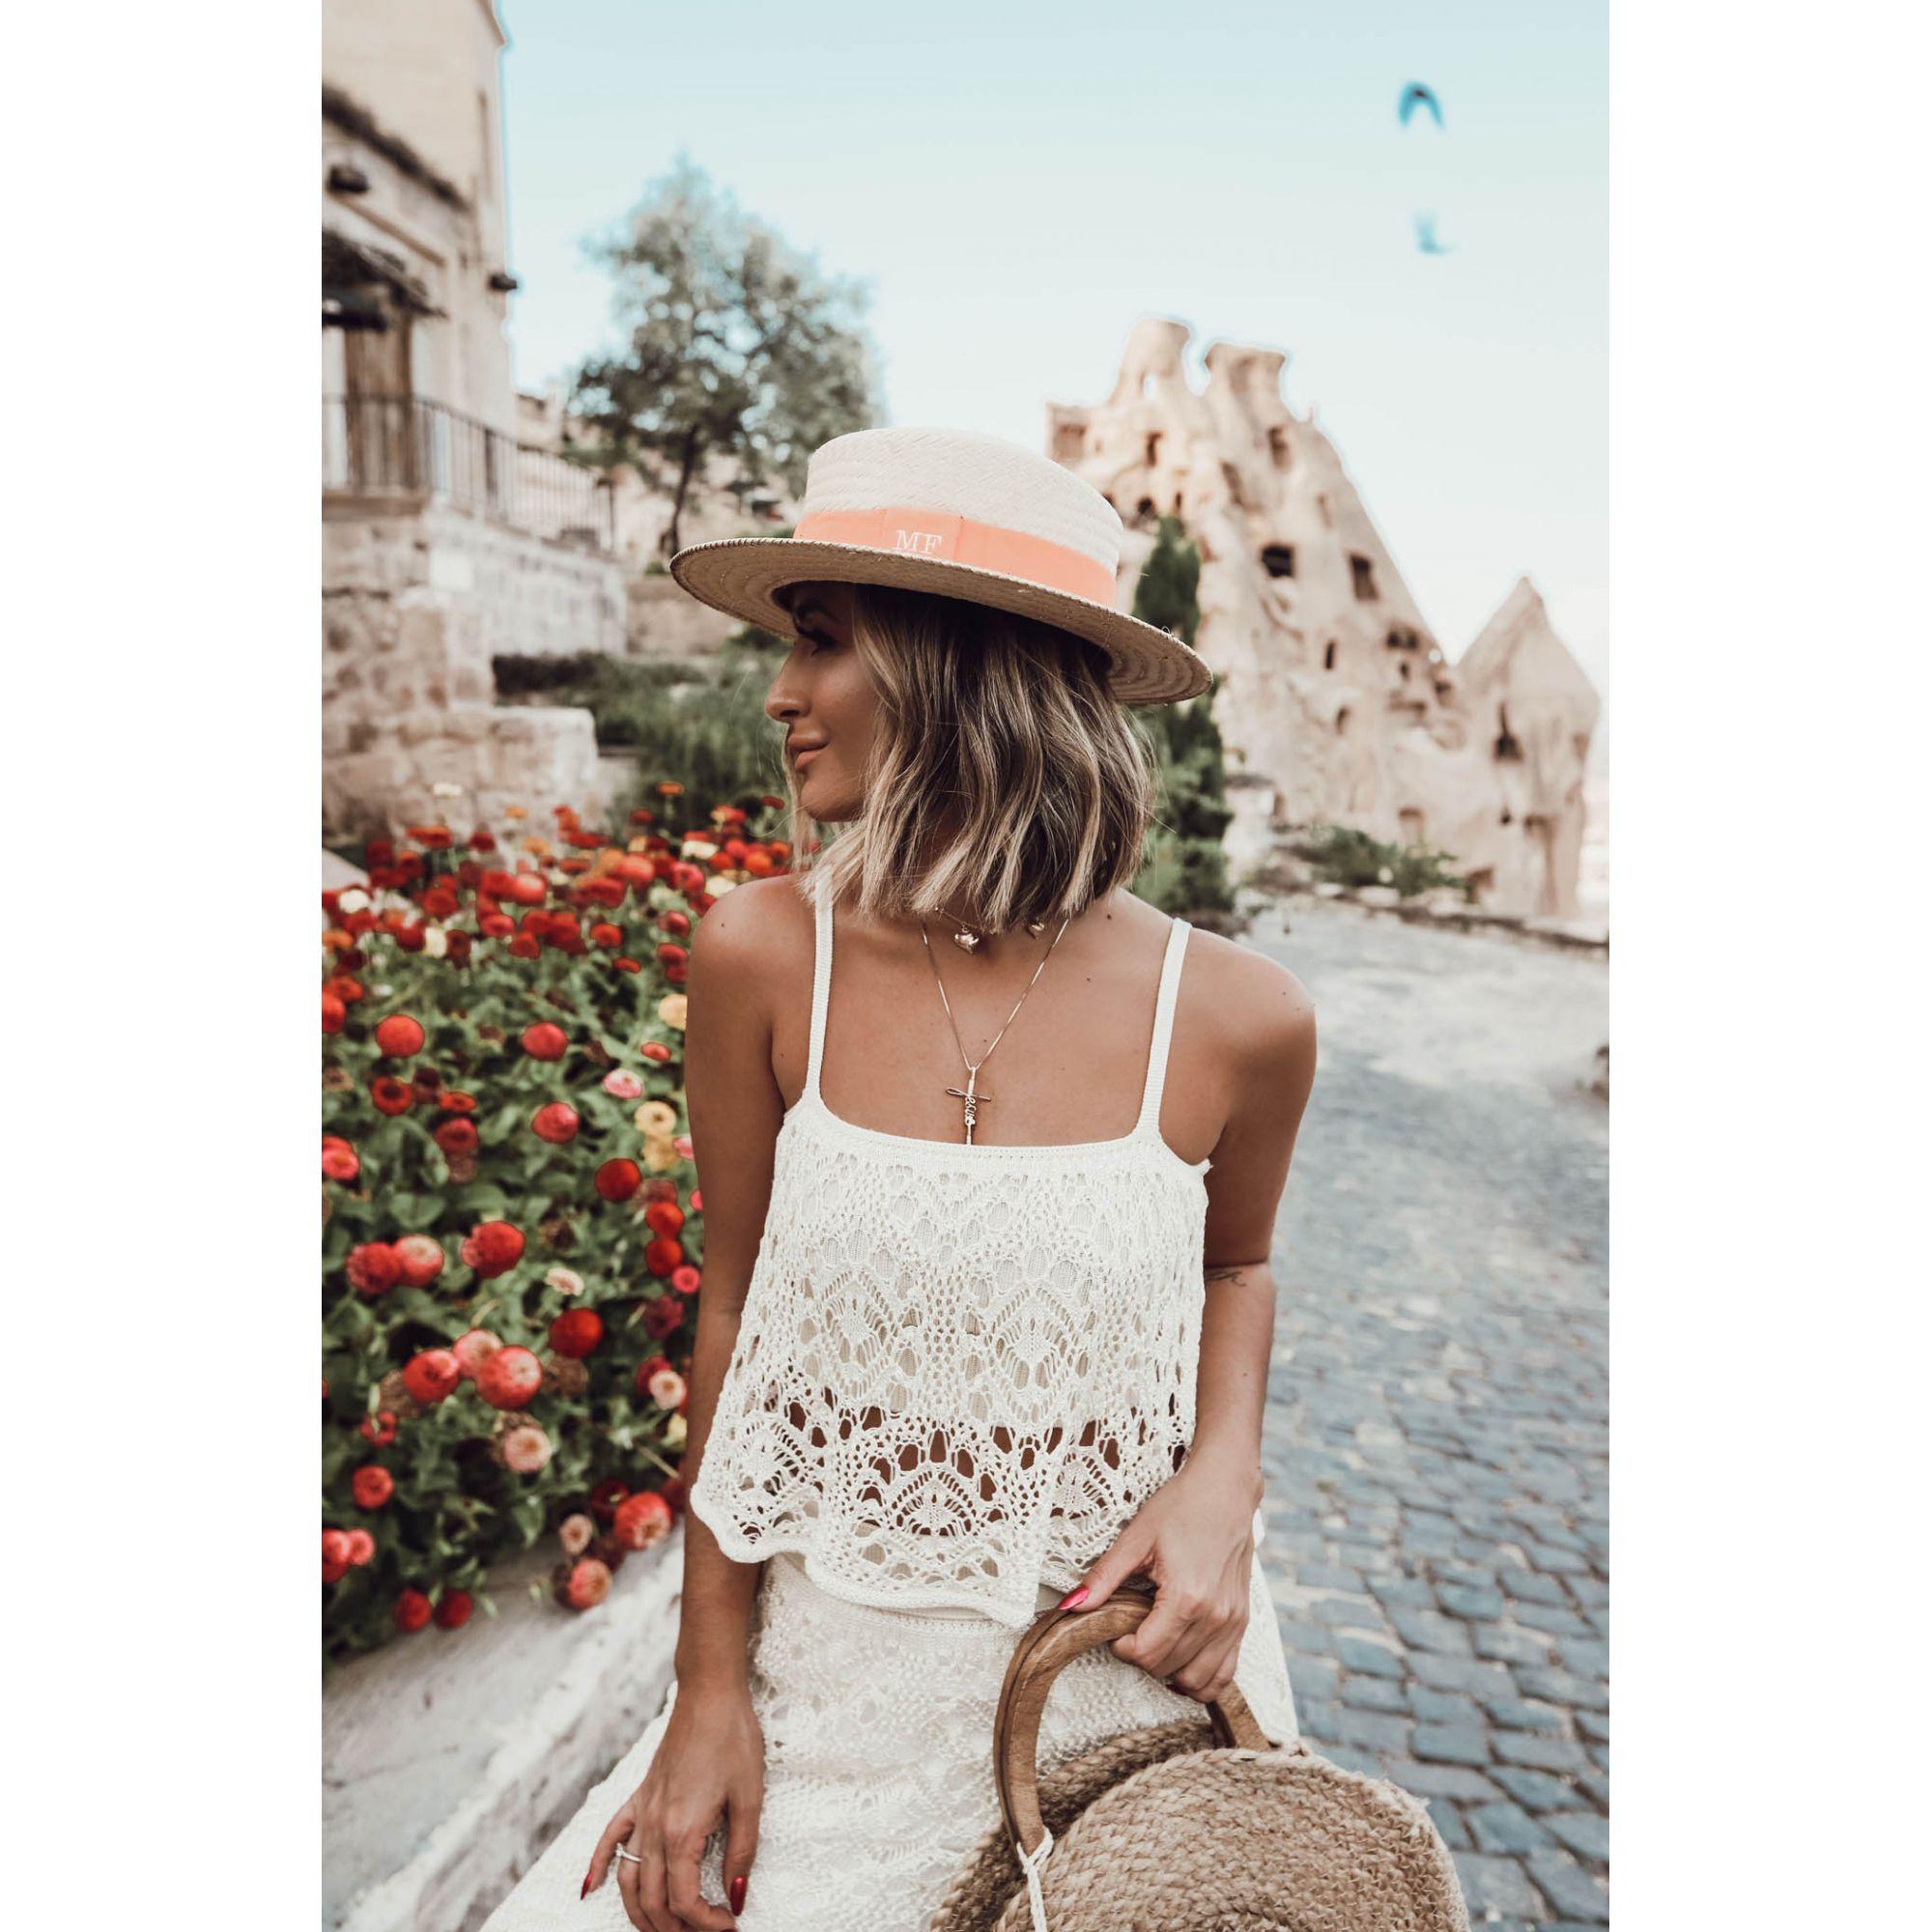 Blusa Cropped Alças Vera Tricot Rendado Feminino Areia